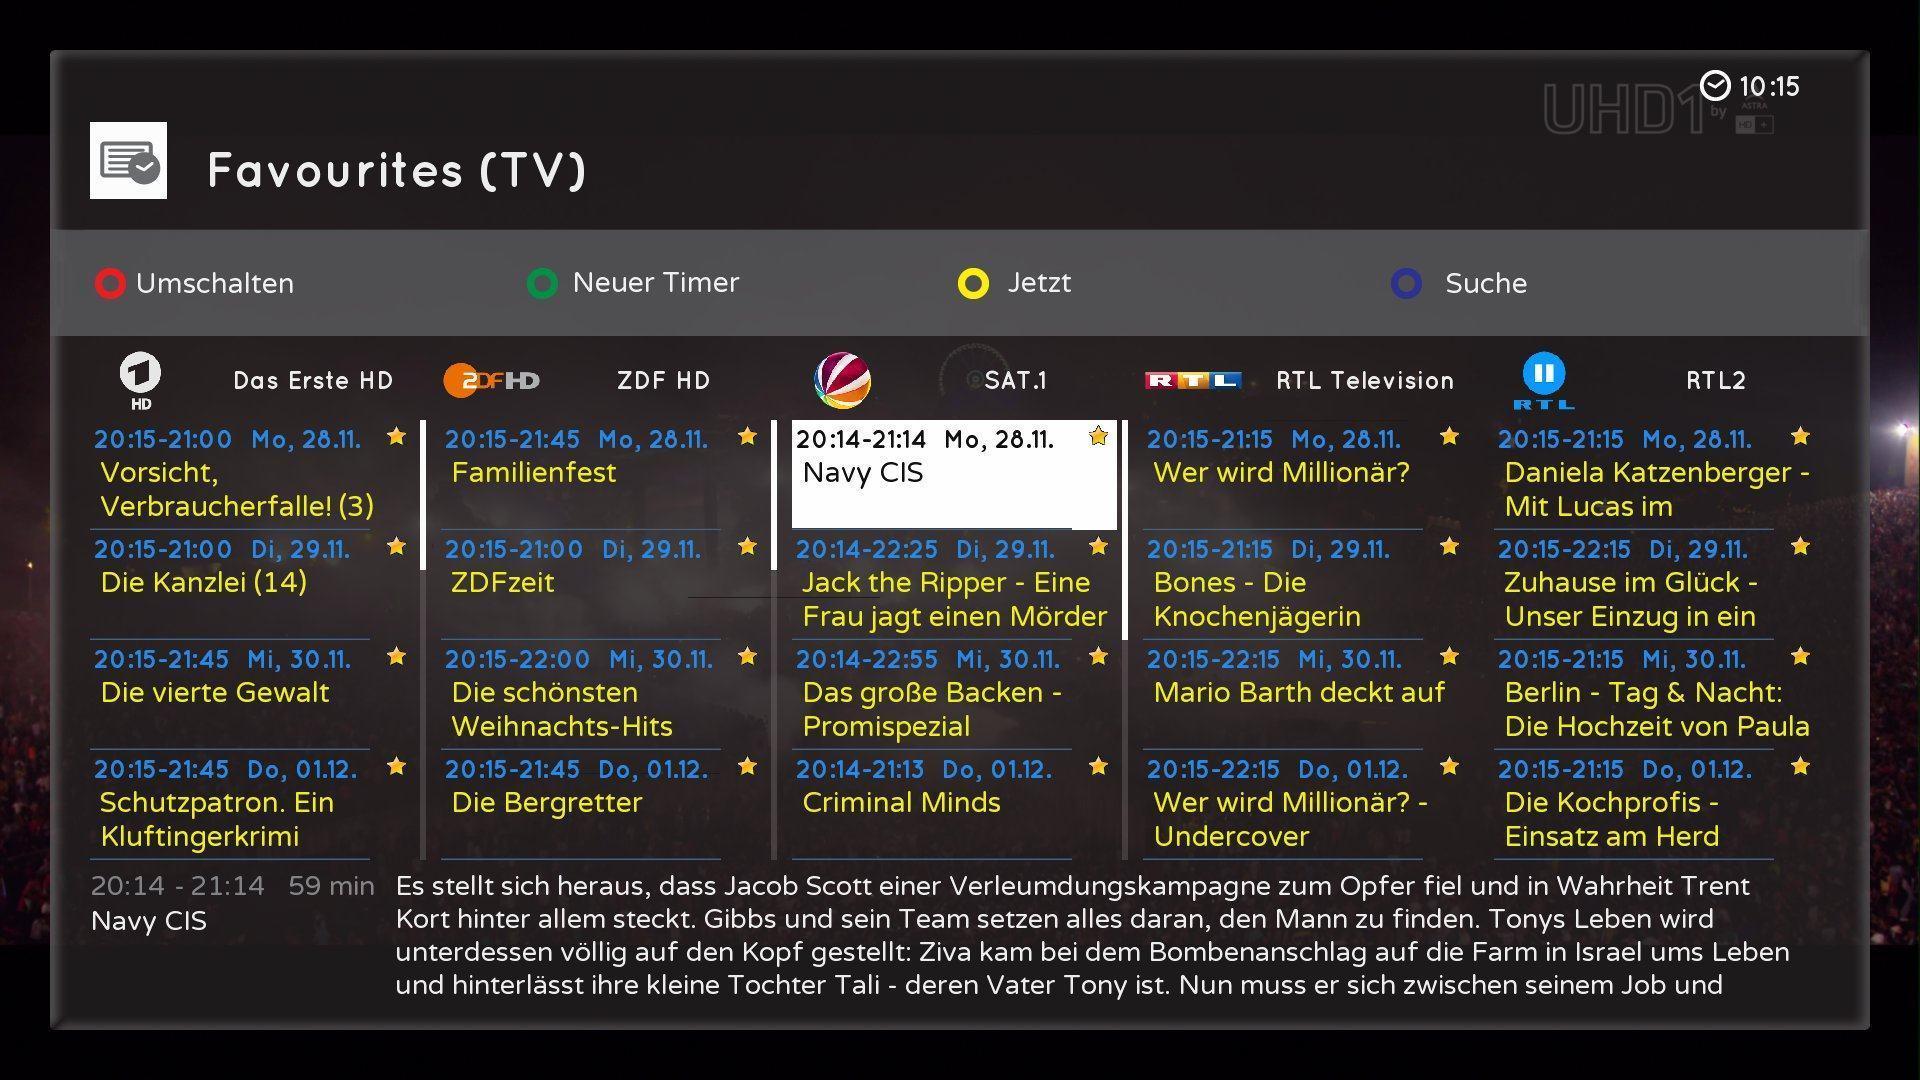 VTi 11.0 Image passend zum Start der VU+ Uno 4K erschienen 23